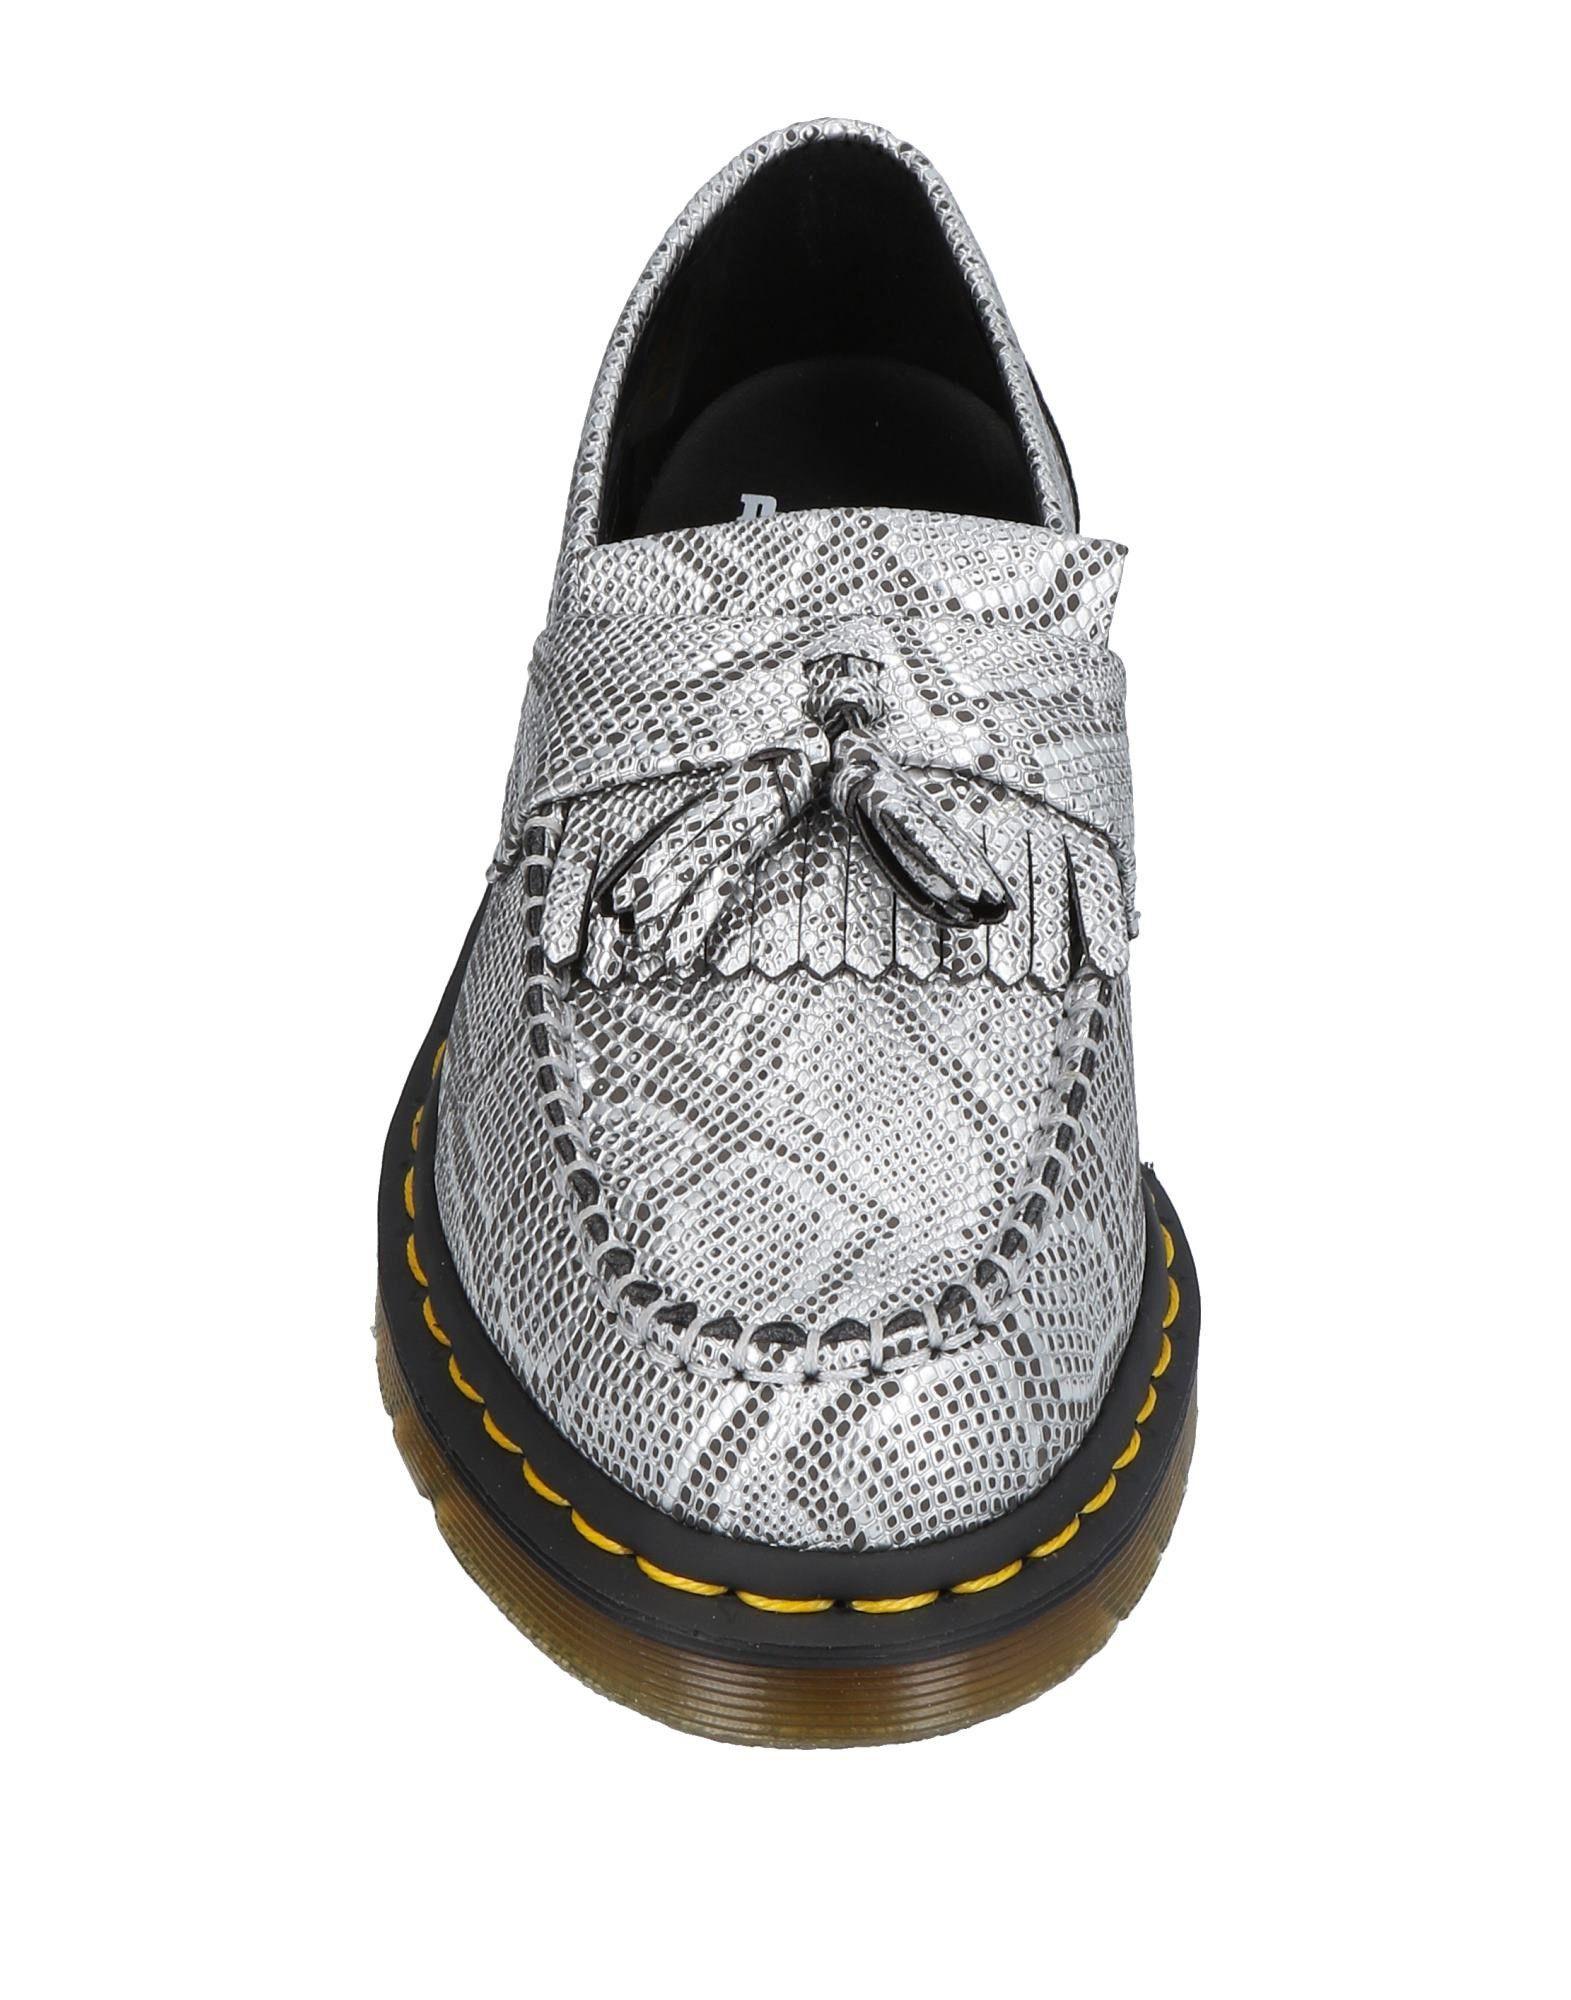 Dr. Qualität Martens Mokassins Damen  11466076JD Gute Qualität Dr. beliebte Schuhe 44bc47